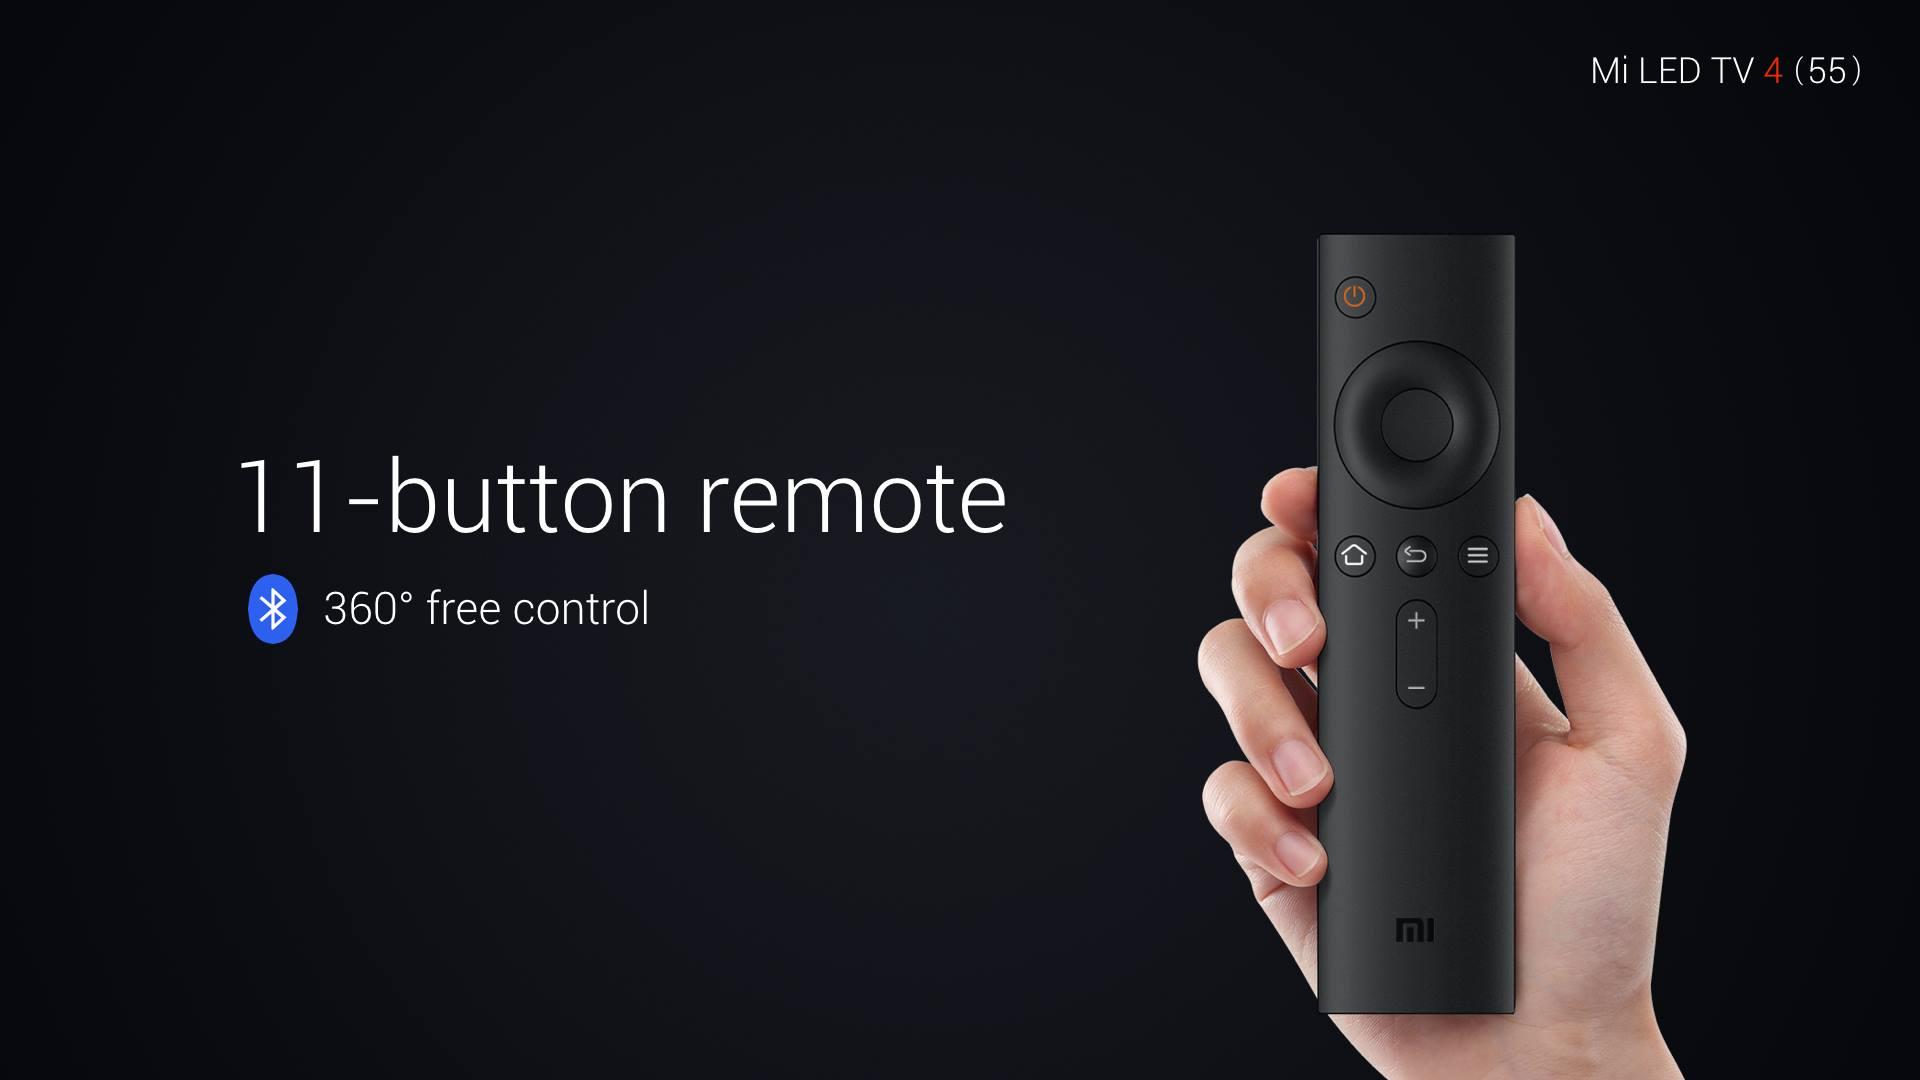 ब्लूटूथ इनेबल स्मार्ट रिमोट दिया गया है. जिसमें सिर्फ 11 बटन दी गए हैं.